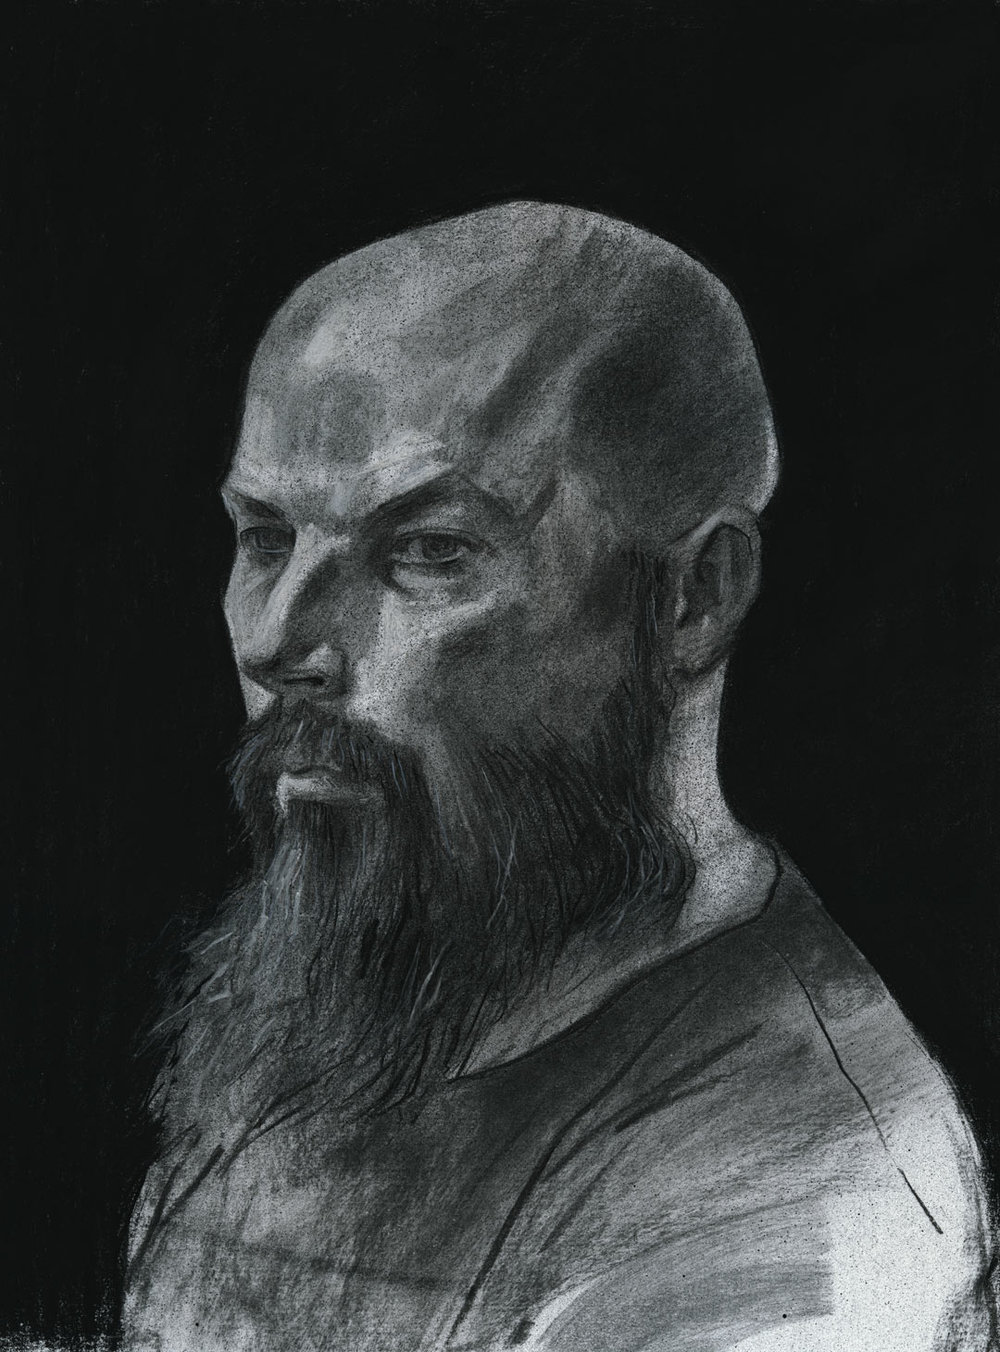 Portrait of P___ D___  Charcoal, Spraypaint, Chalk on Paper